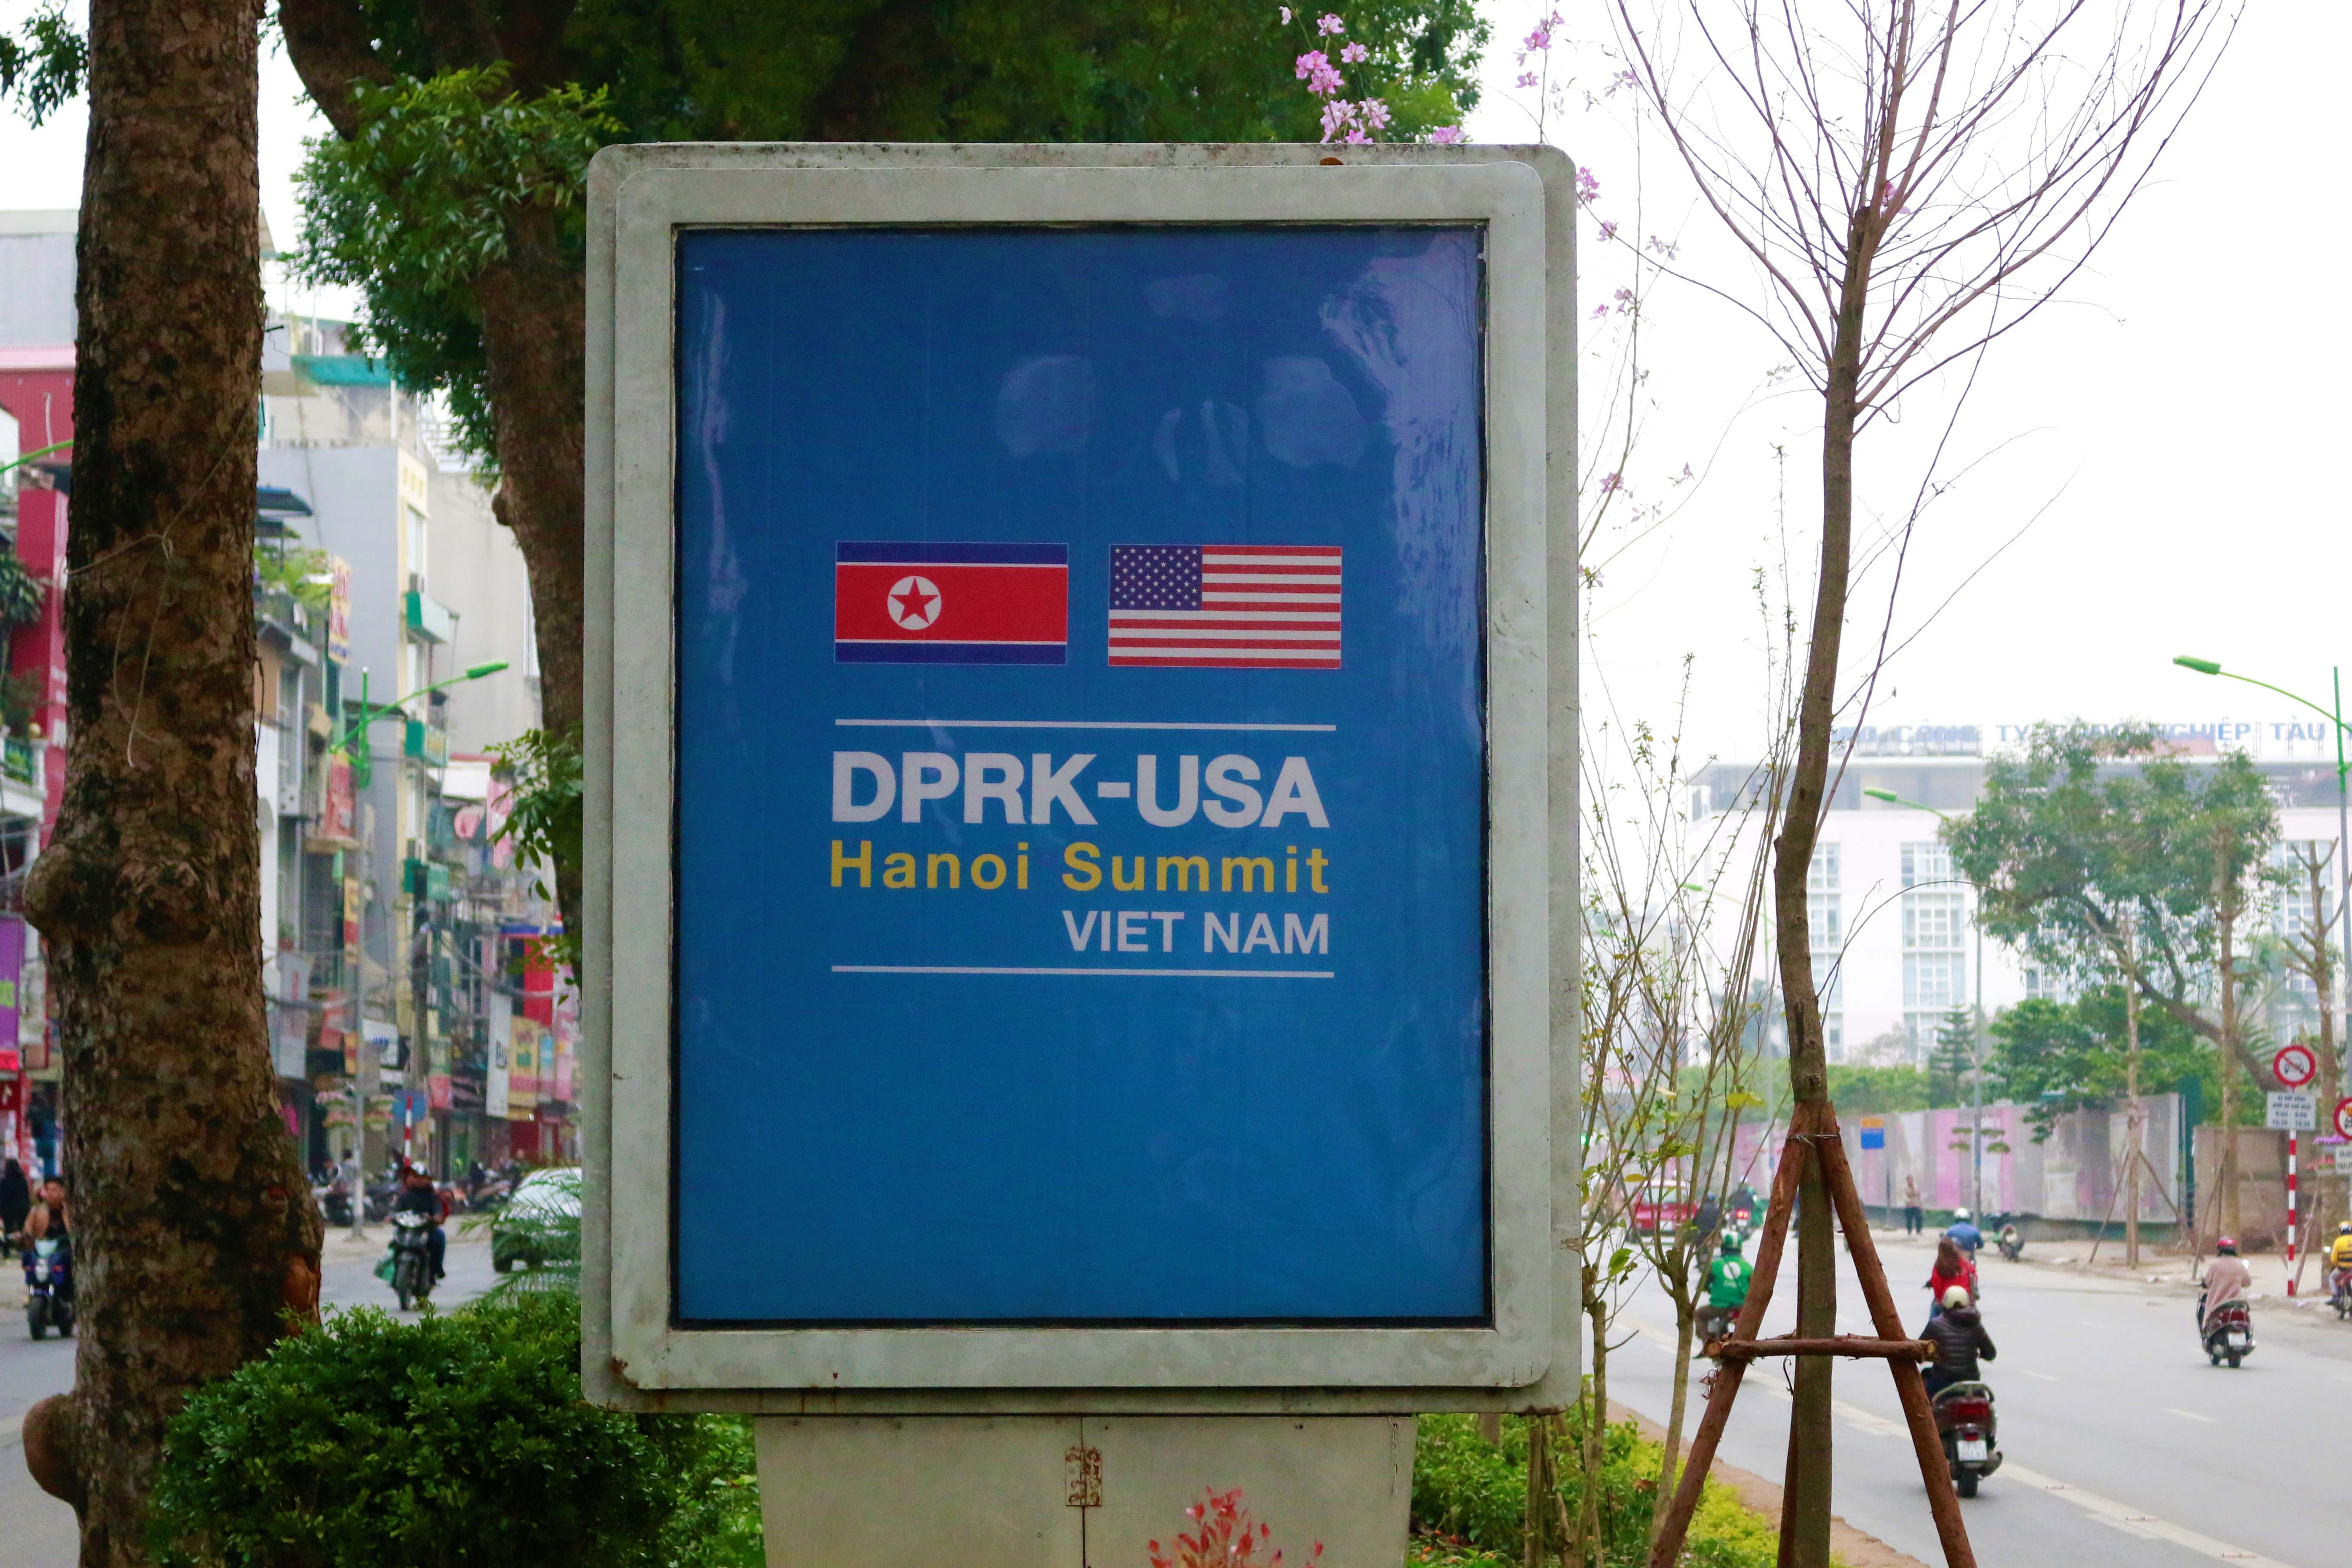 Hội nghị Mỹ - Triều tại Hà Nội liệu có tạo ra bước ngoặt? 1